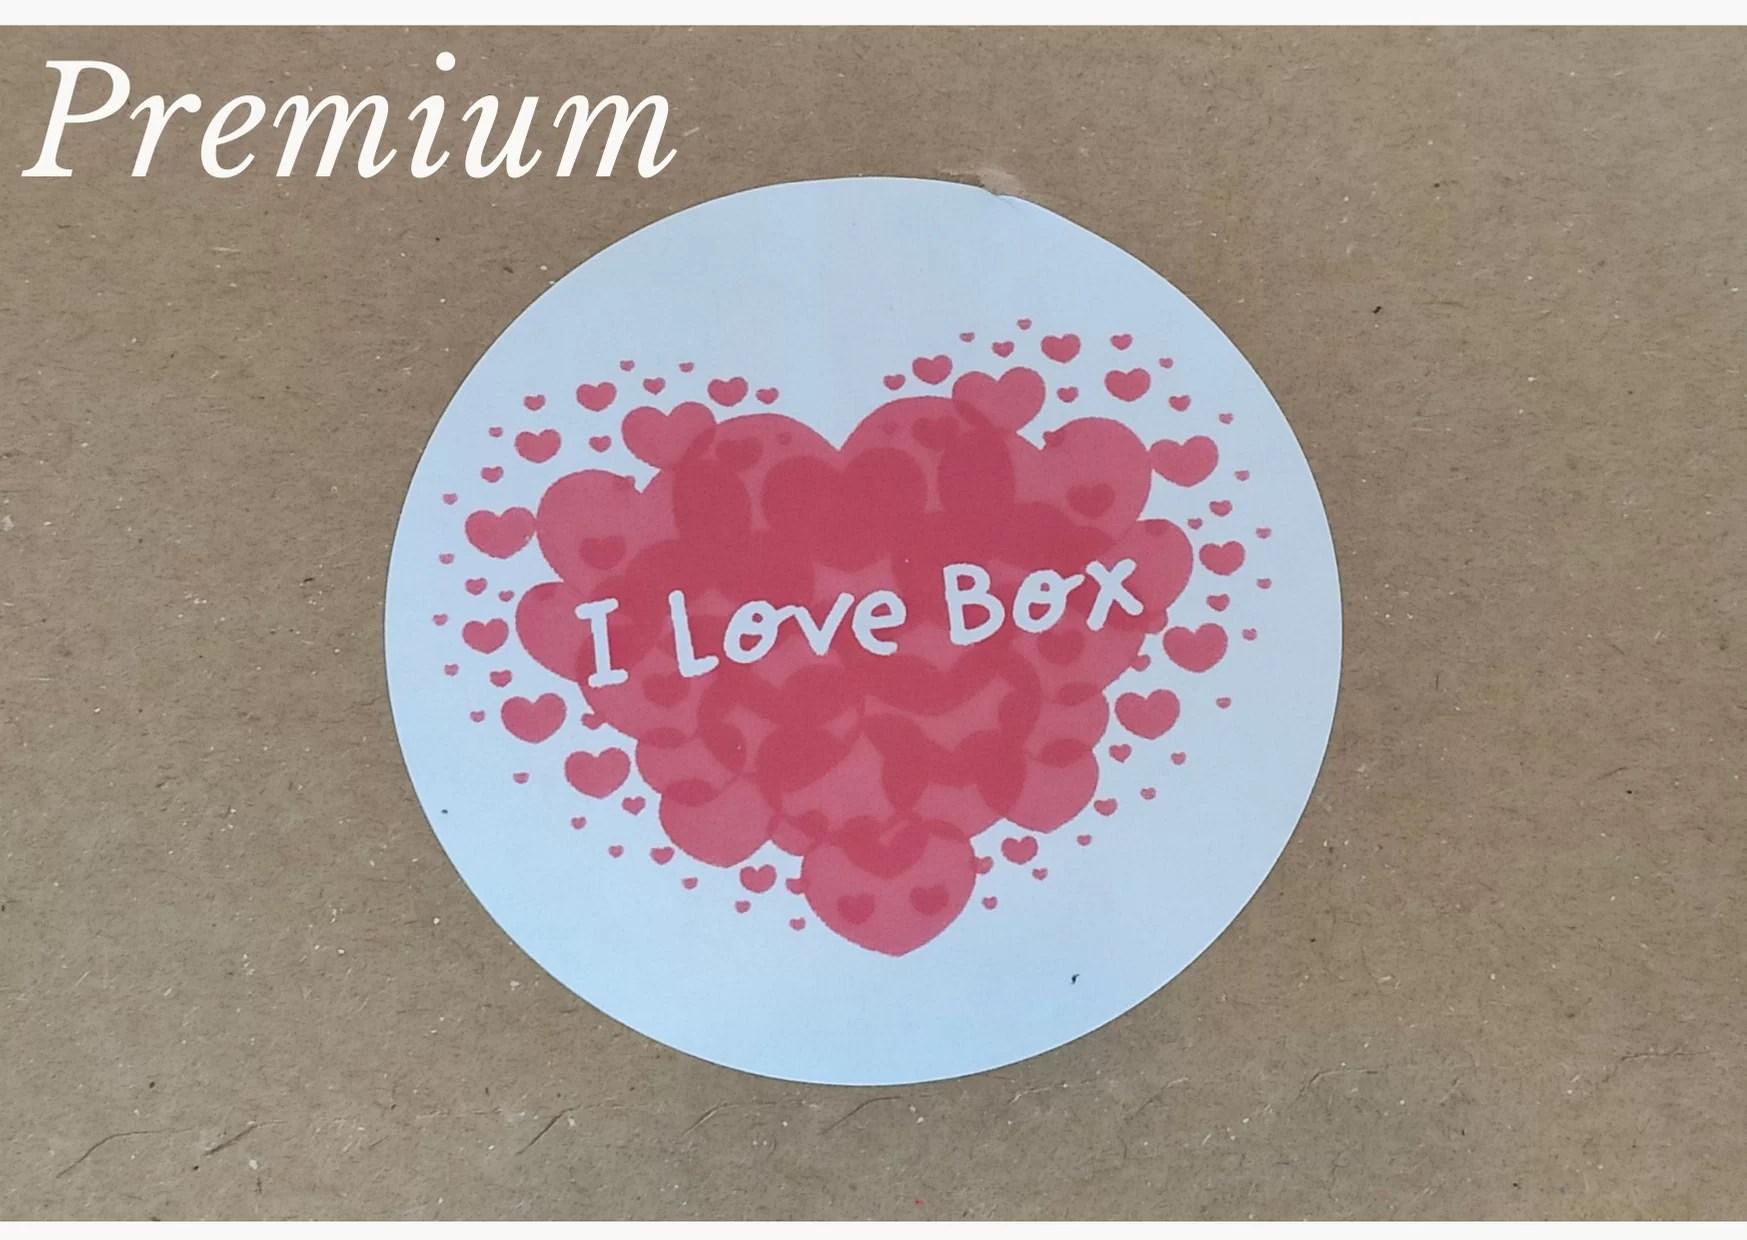 I love boz Premium